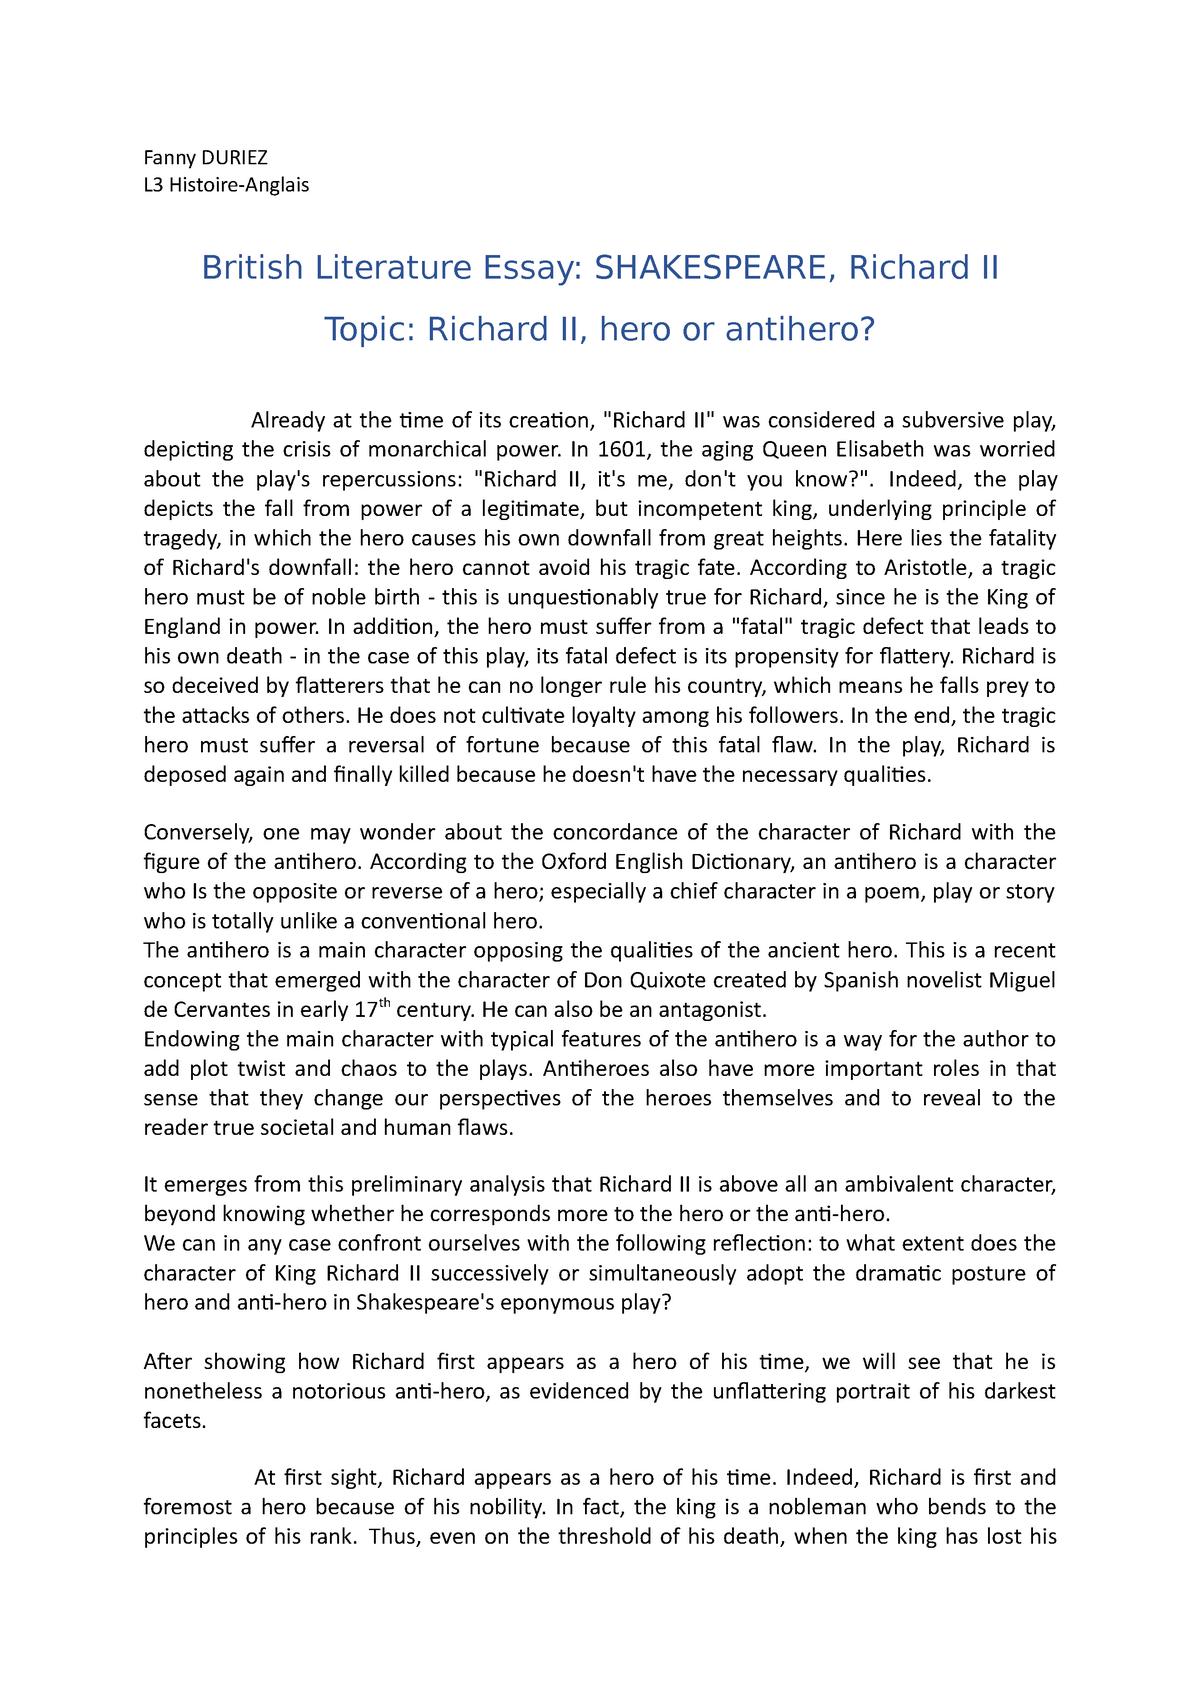 king richard ii essay